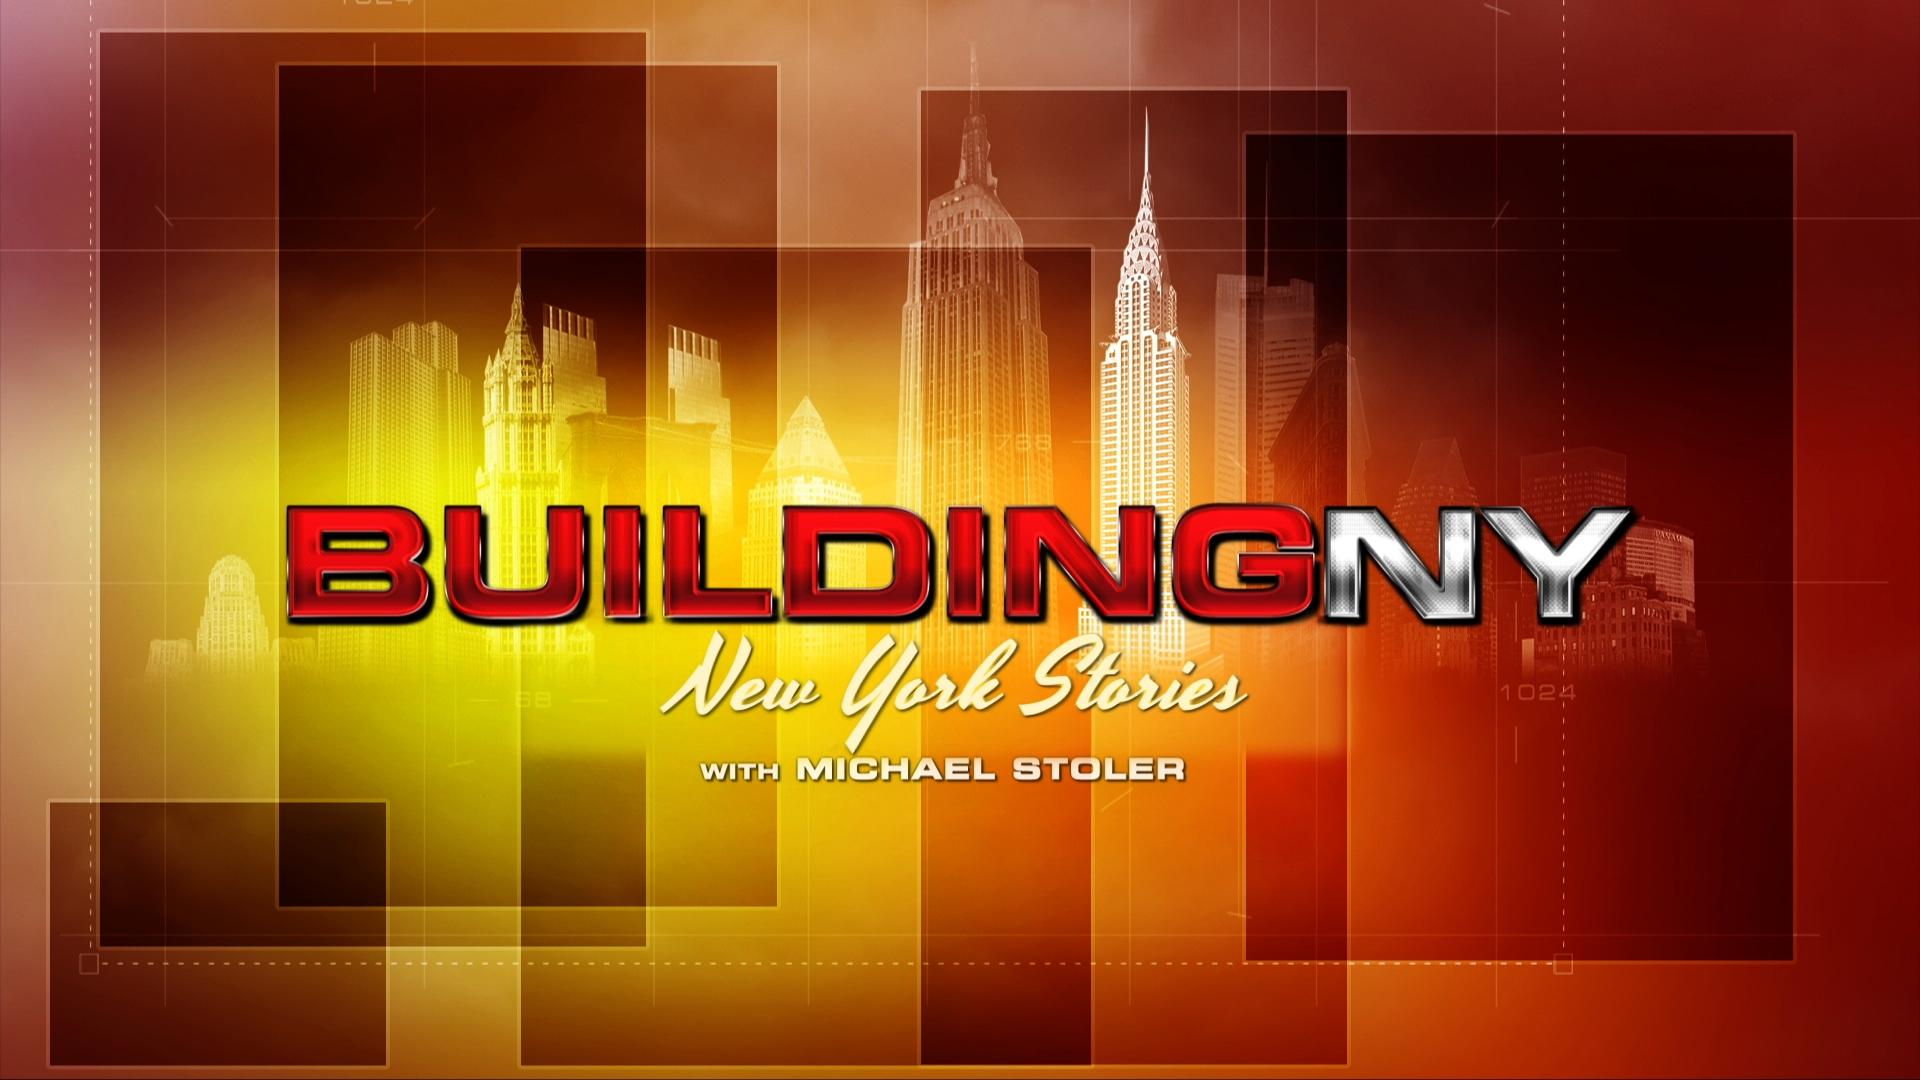 building ny logo.JPG